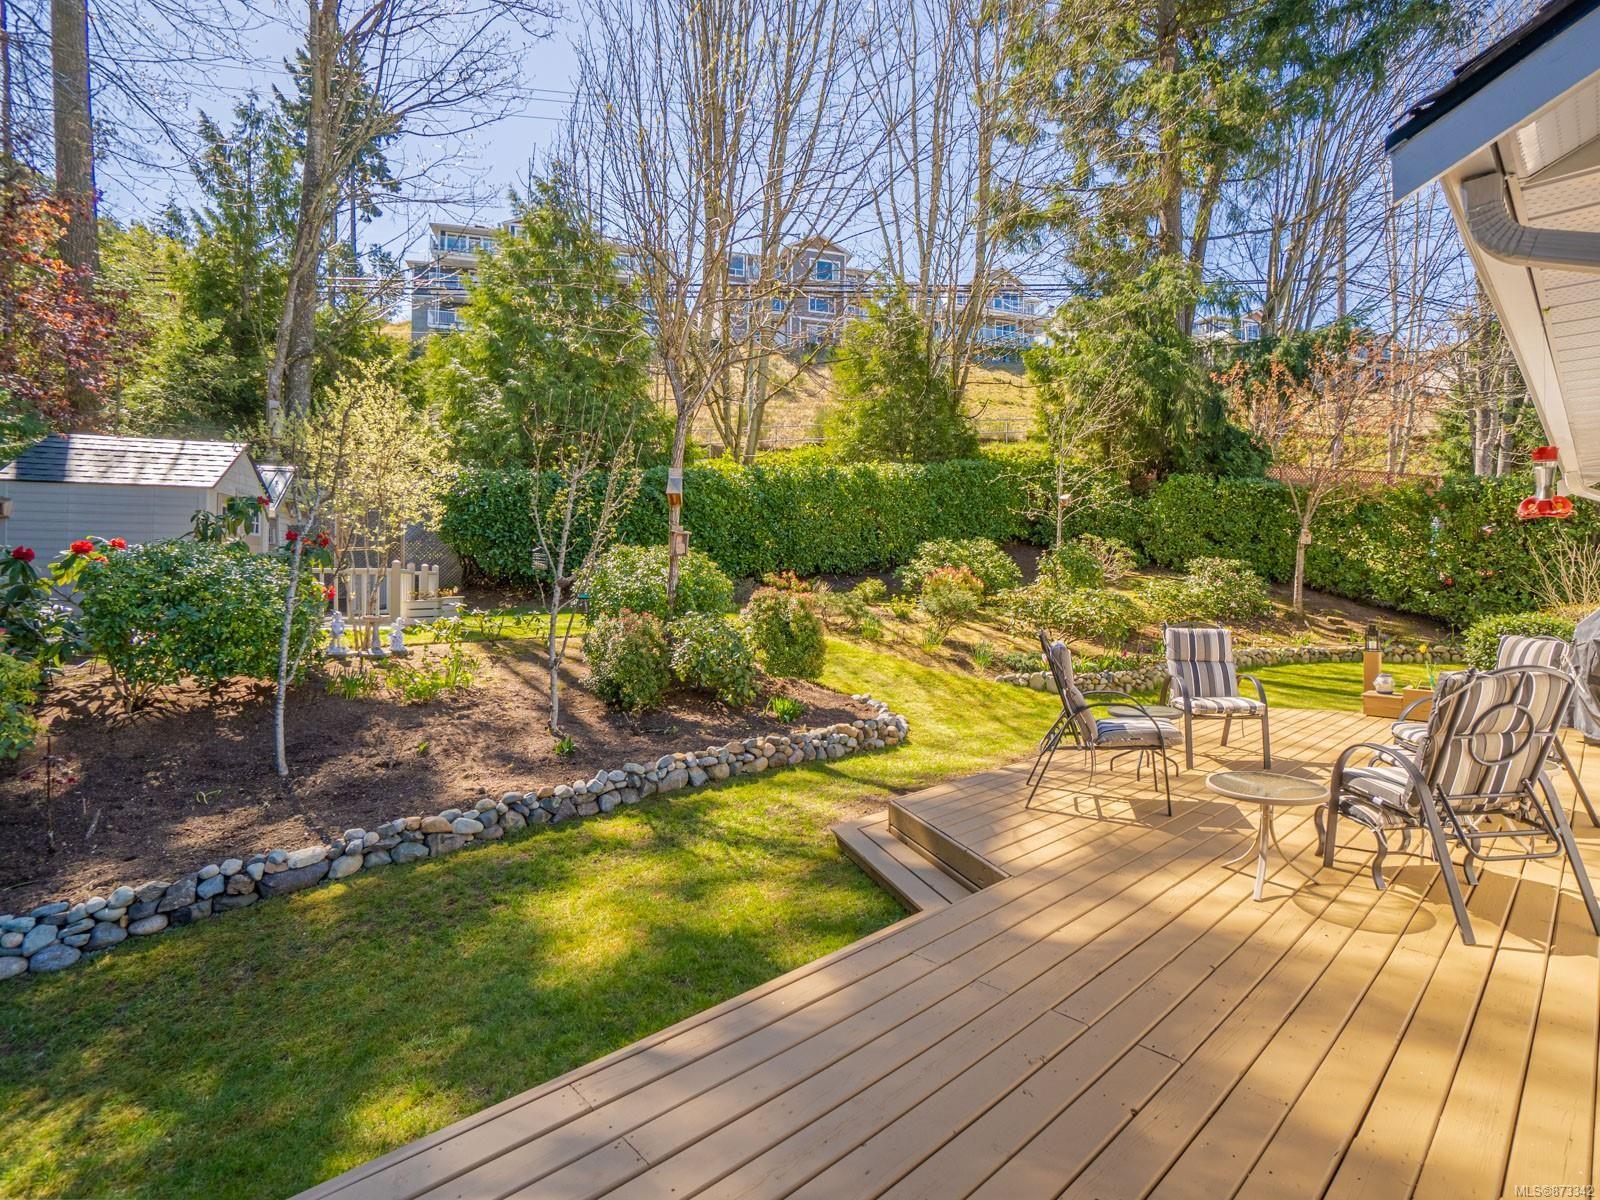 Photo 8: Photos: 5294 Catalina Dr in : Na North Nanaimo House for sale (Nanaimo)  : MLS®# 873342